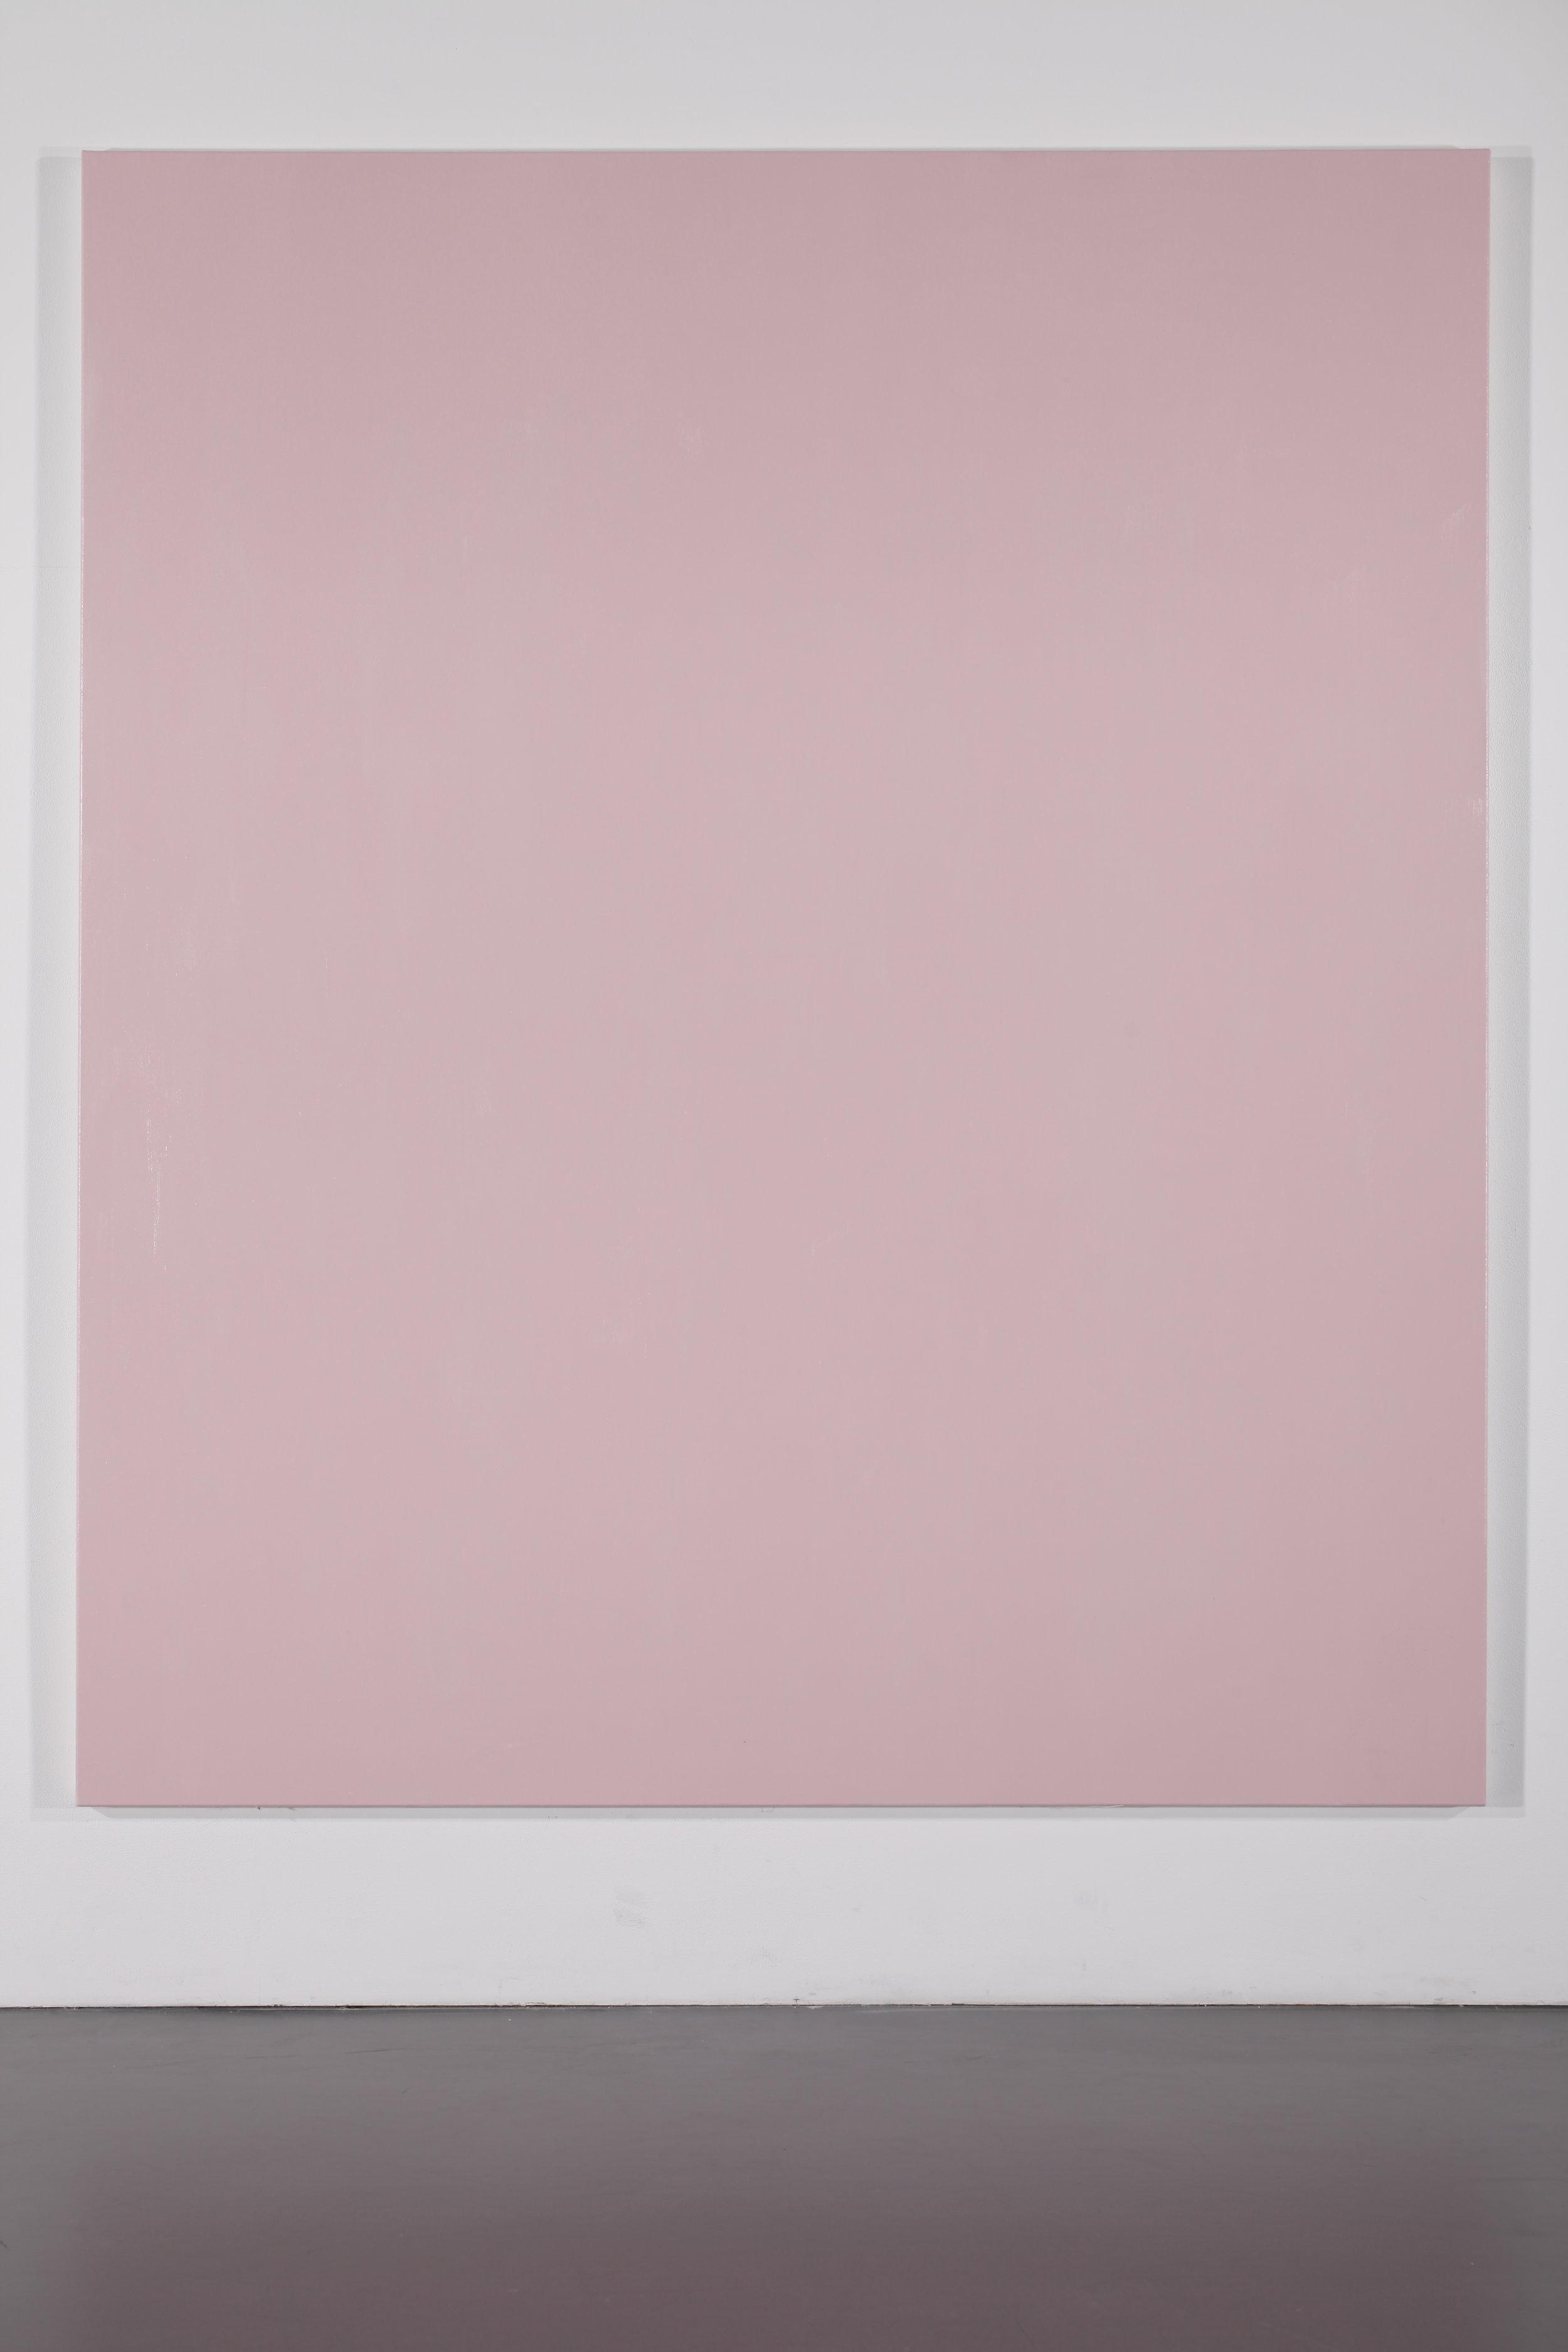 THE FOUNTAIN 2  2016 // 200cm x 170cm  acrylic on canvas